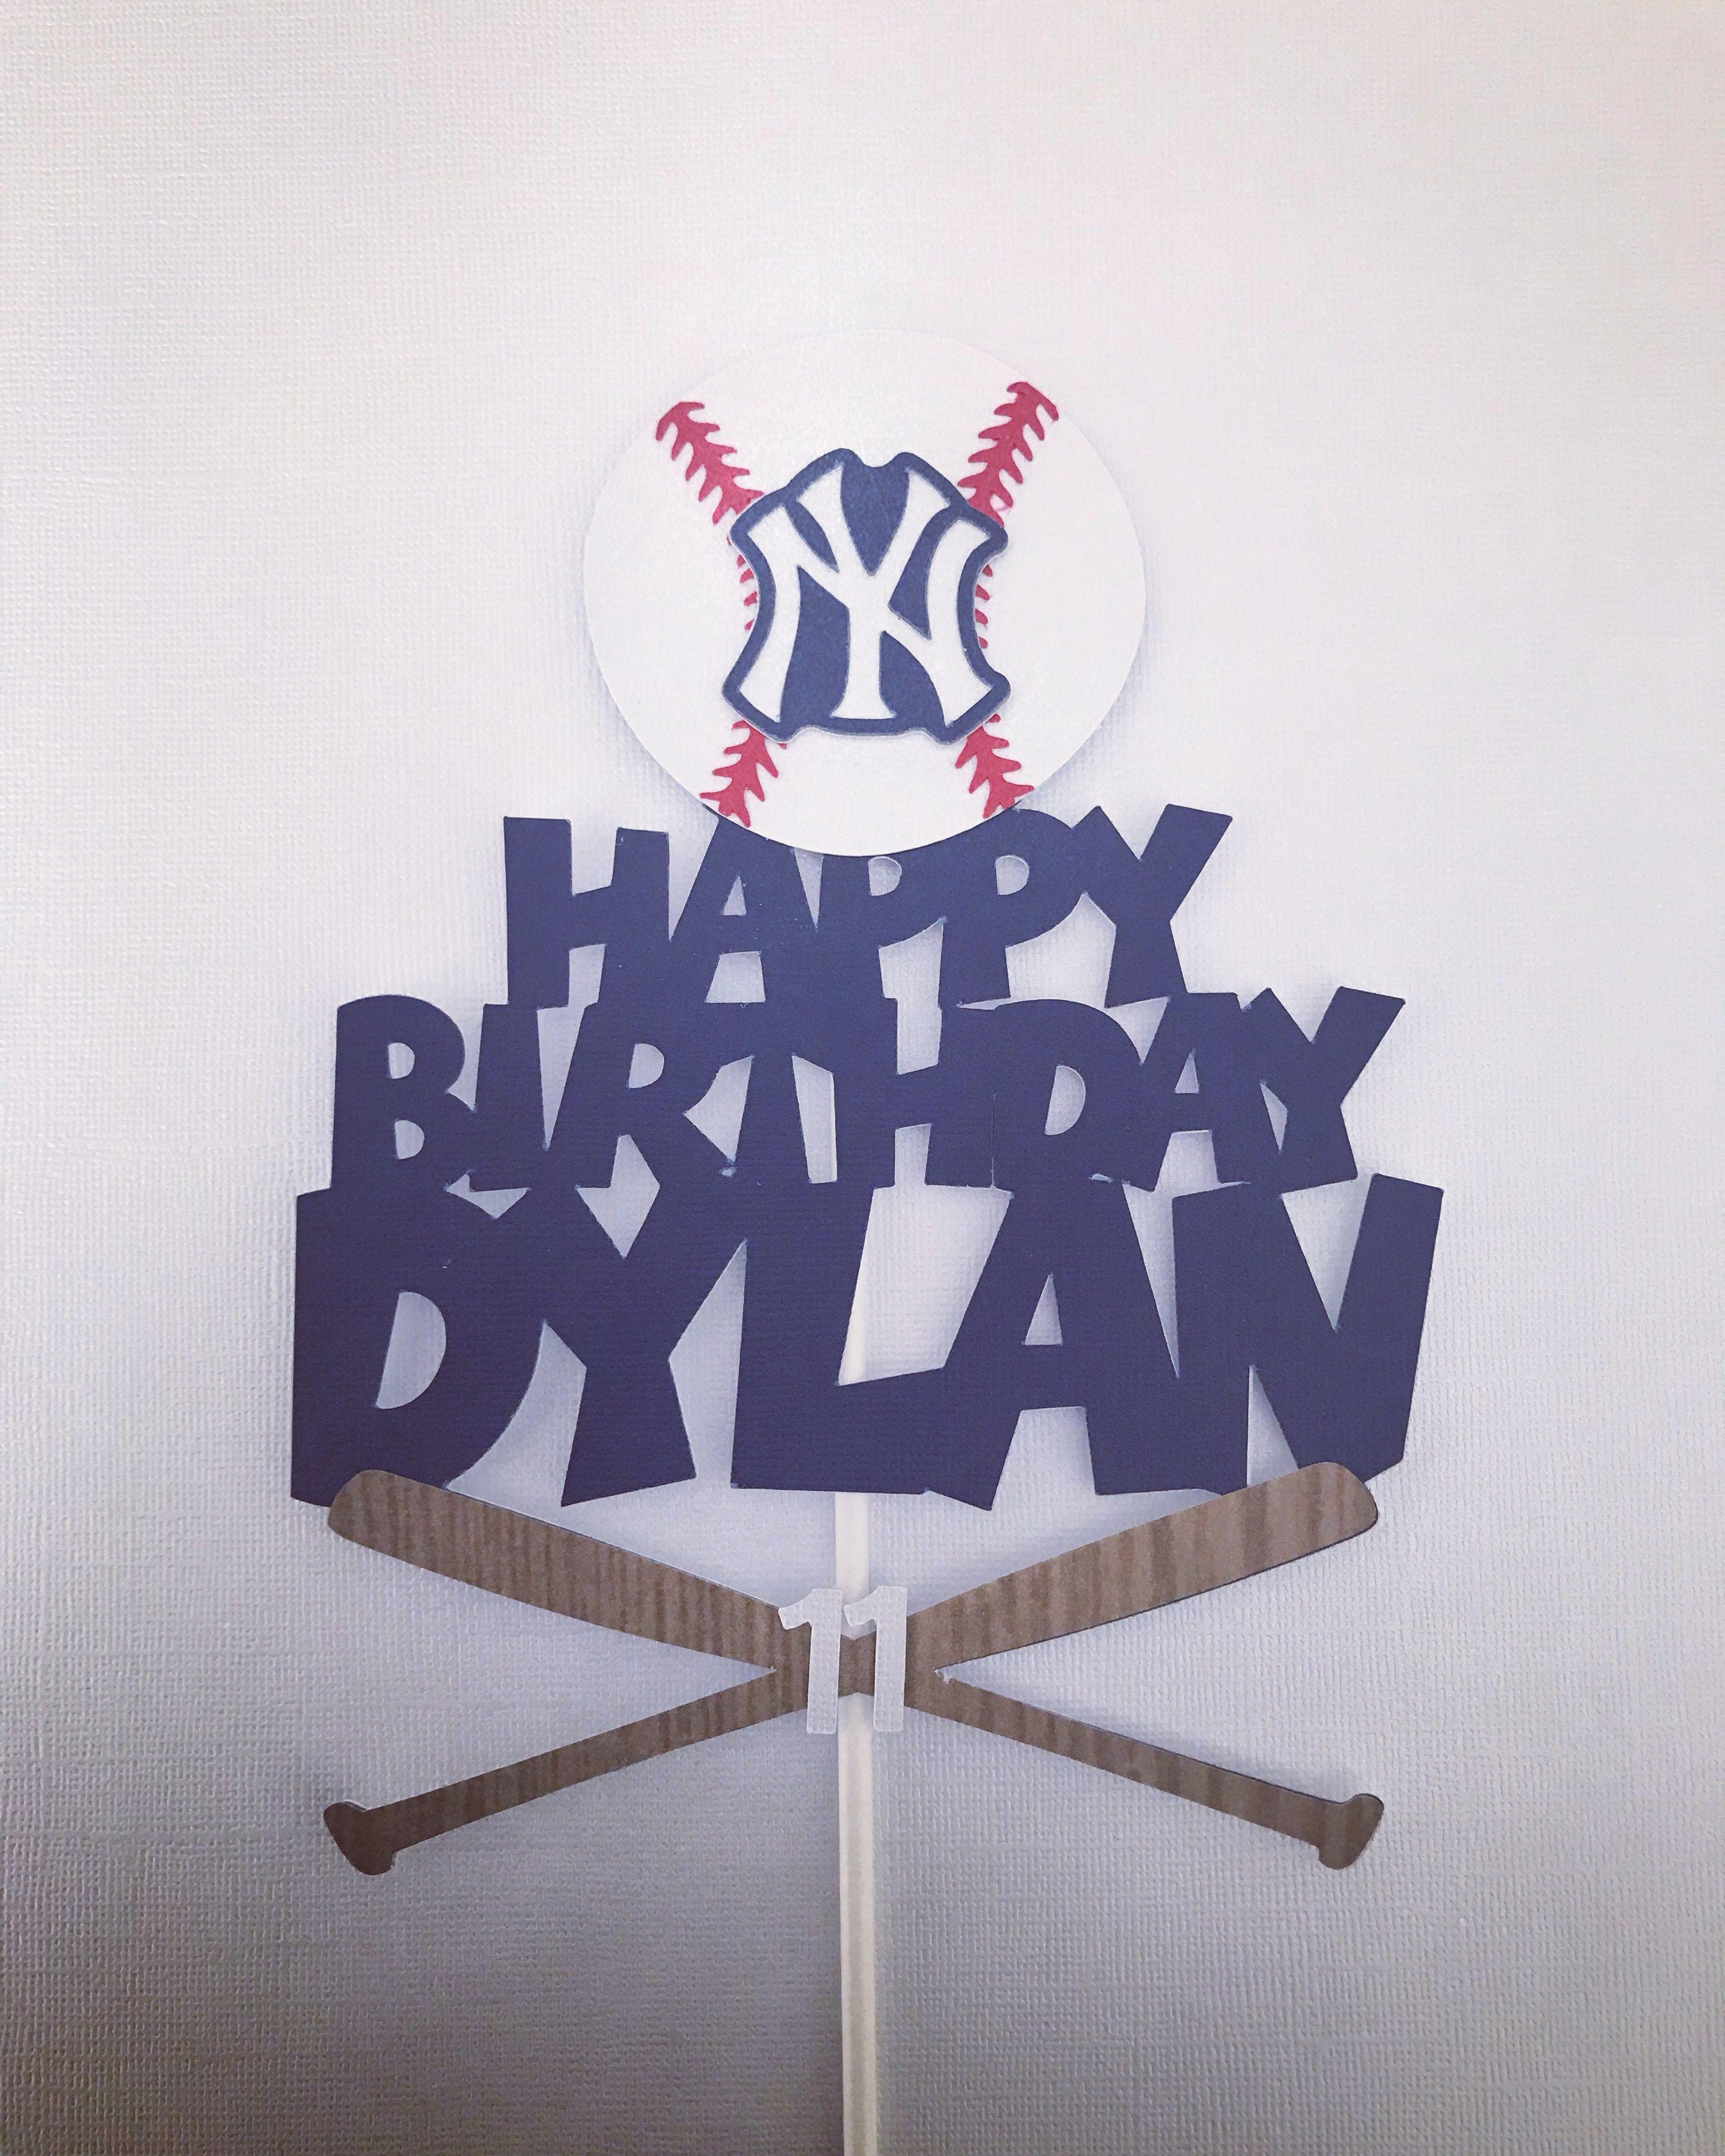 Yankees Baseball New York Yankees Ny Yankees Yankees Birthday Yankees Cake Topper Baseball Baseball Birthday Party Yankees Birthday Yankees Birthday Party